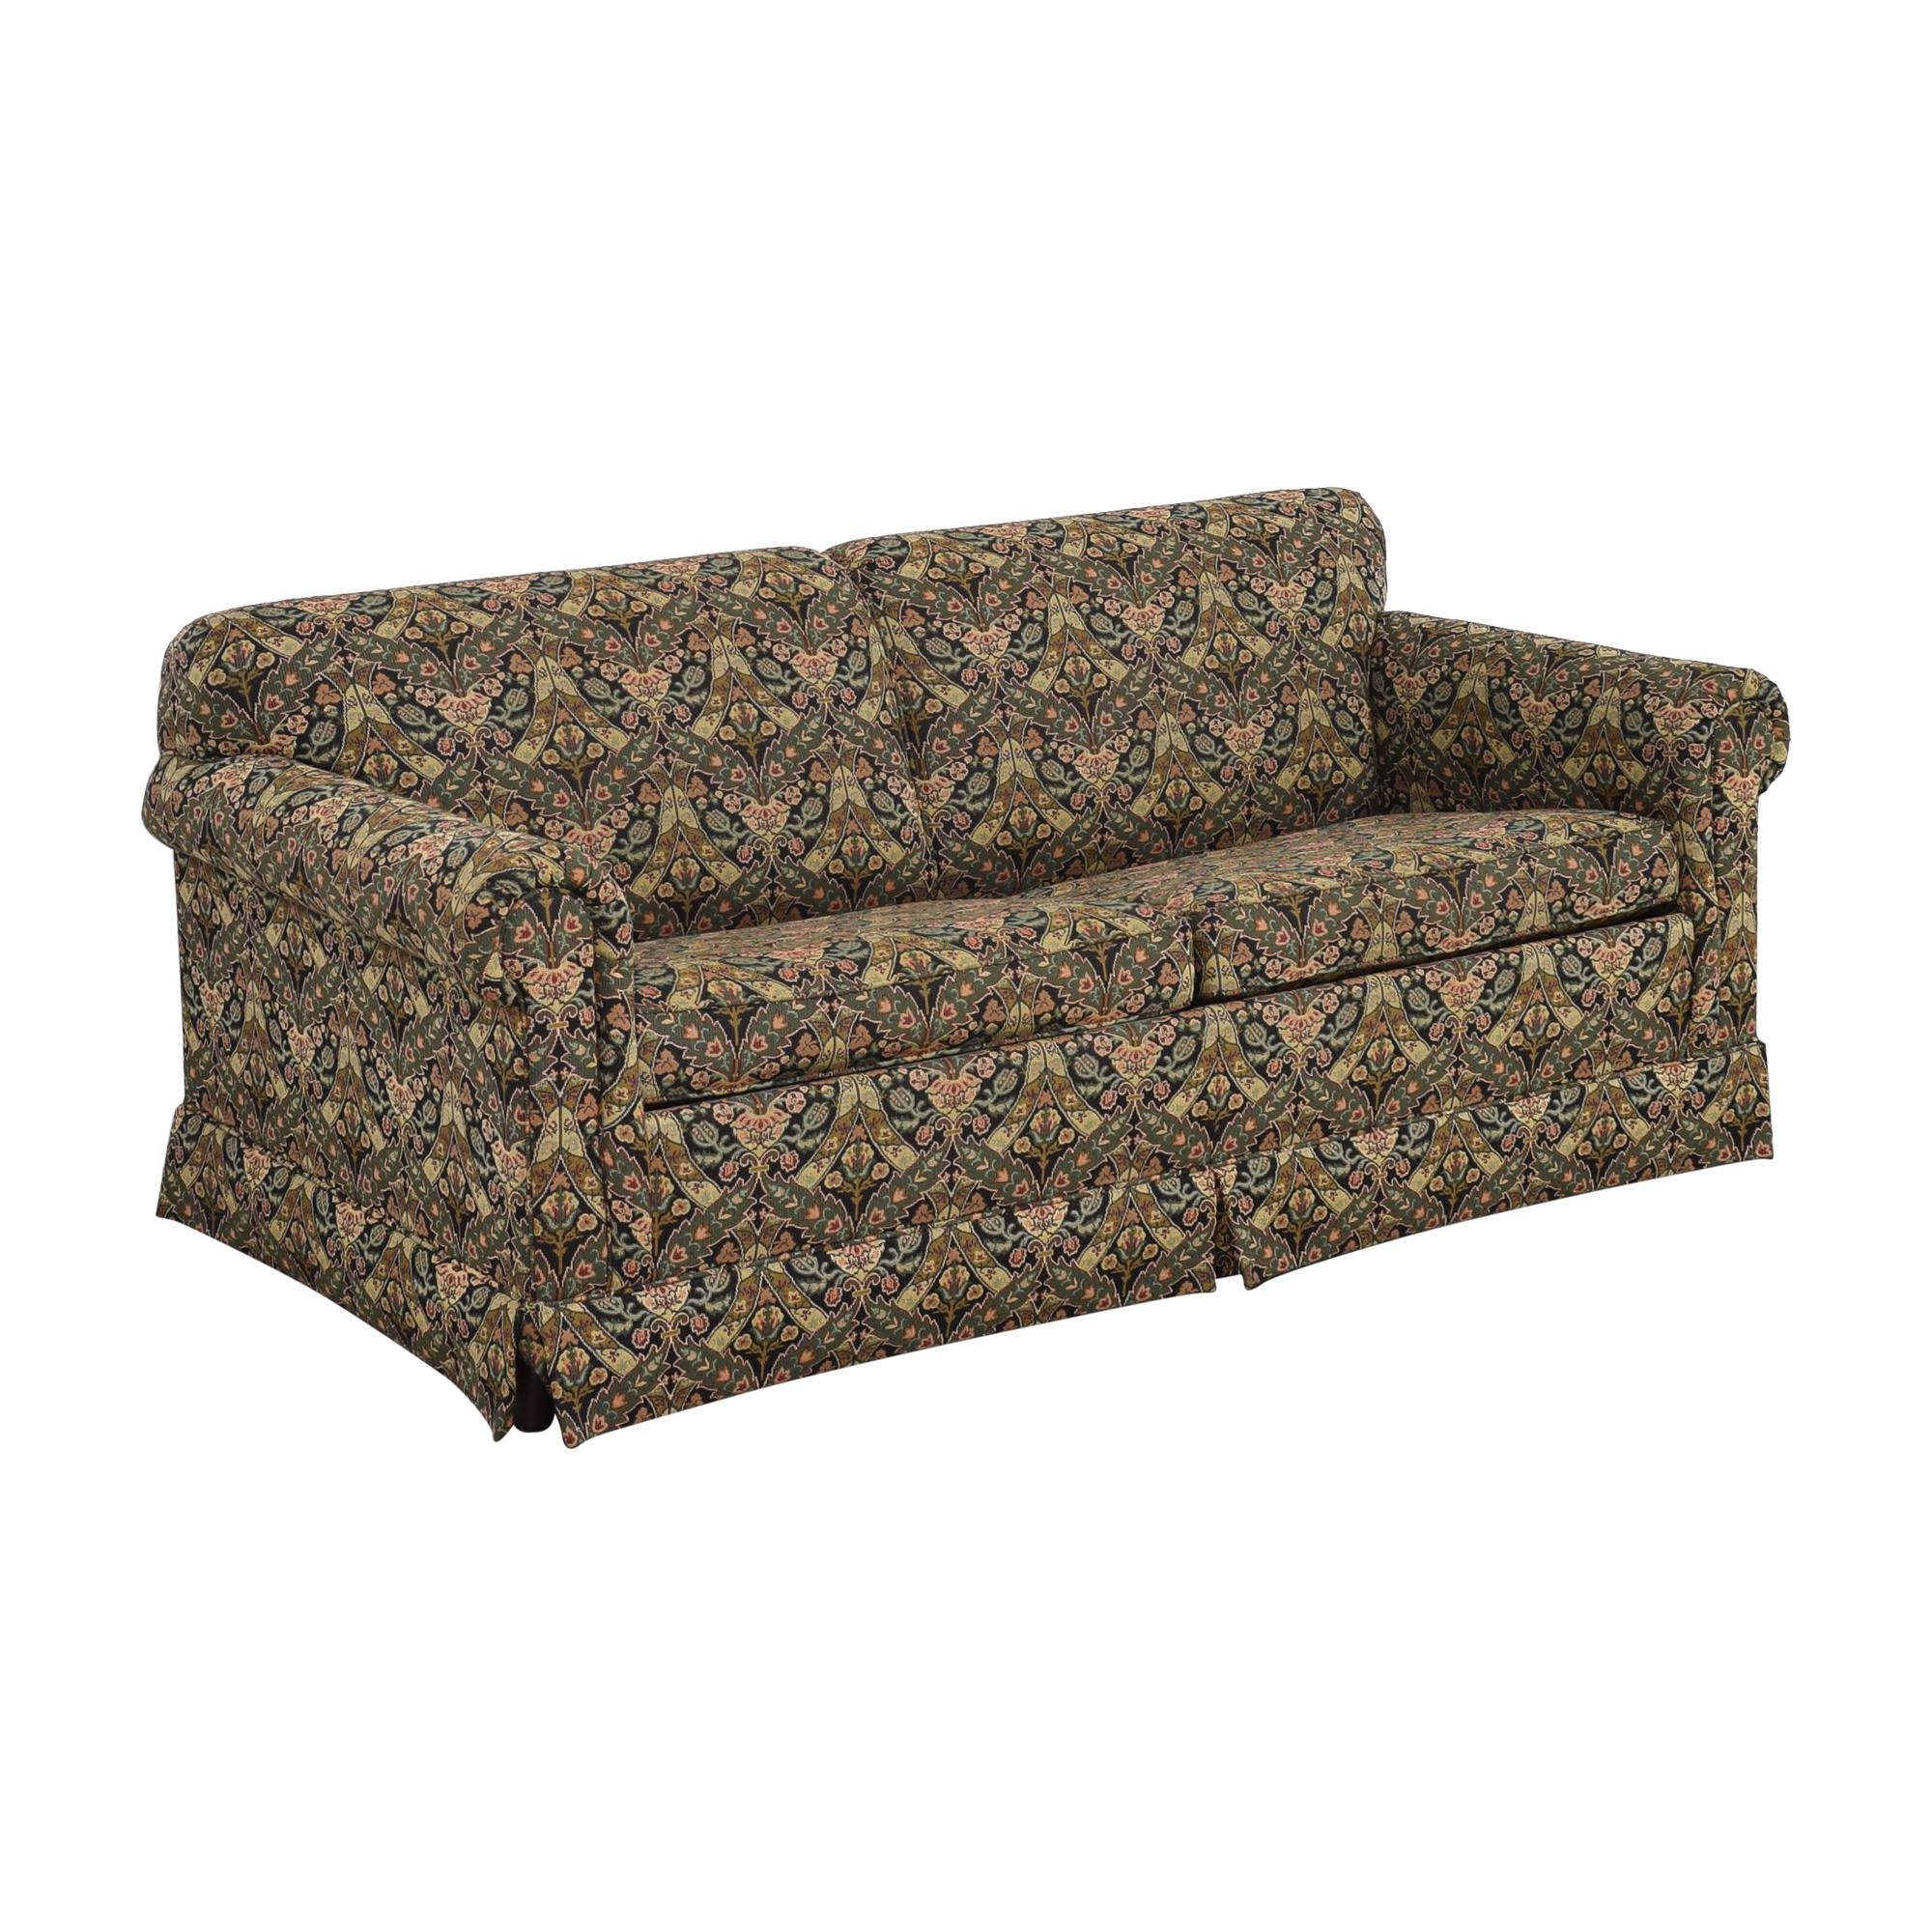 Ethan Allen Ethan Allen Full Sleeper Sofa pa